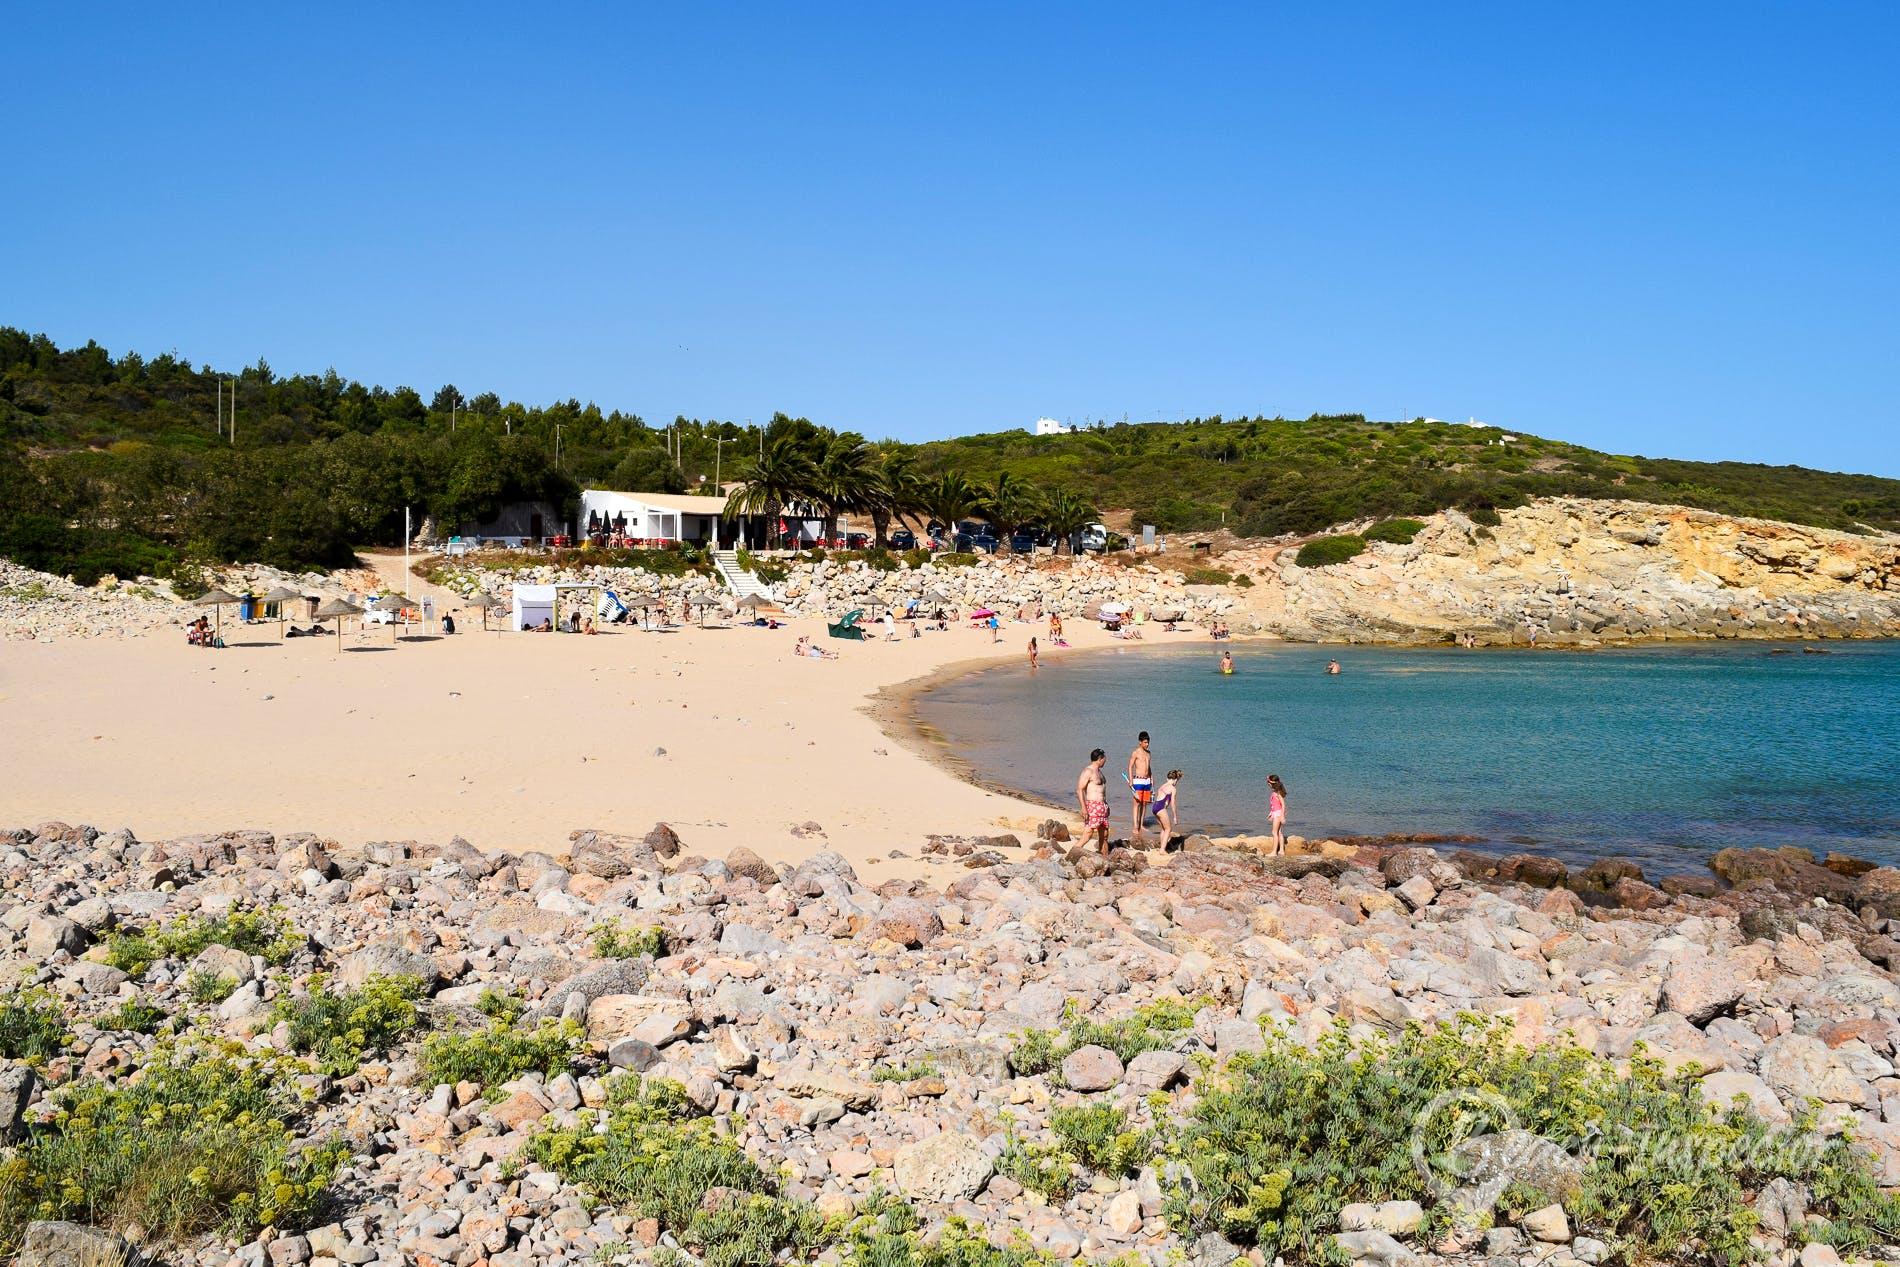 Strand Praia da Ingrina, Algarve, Portugal